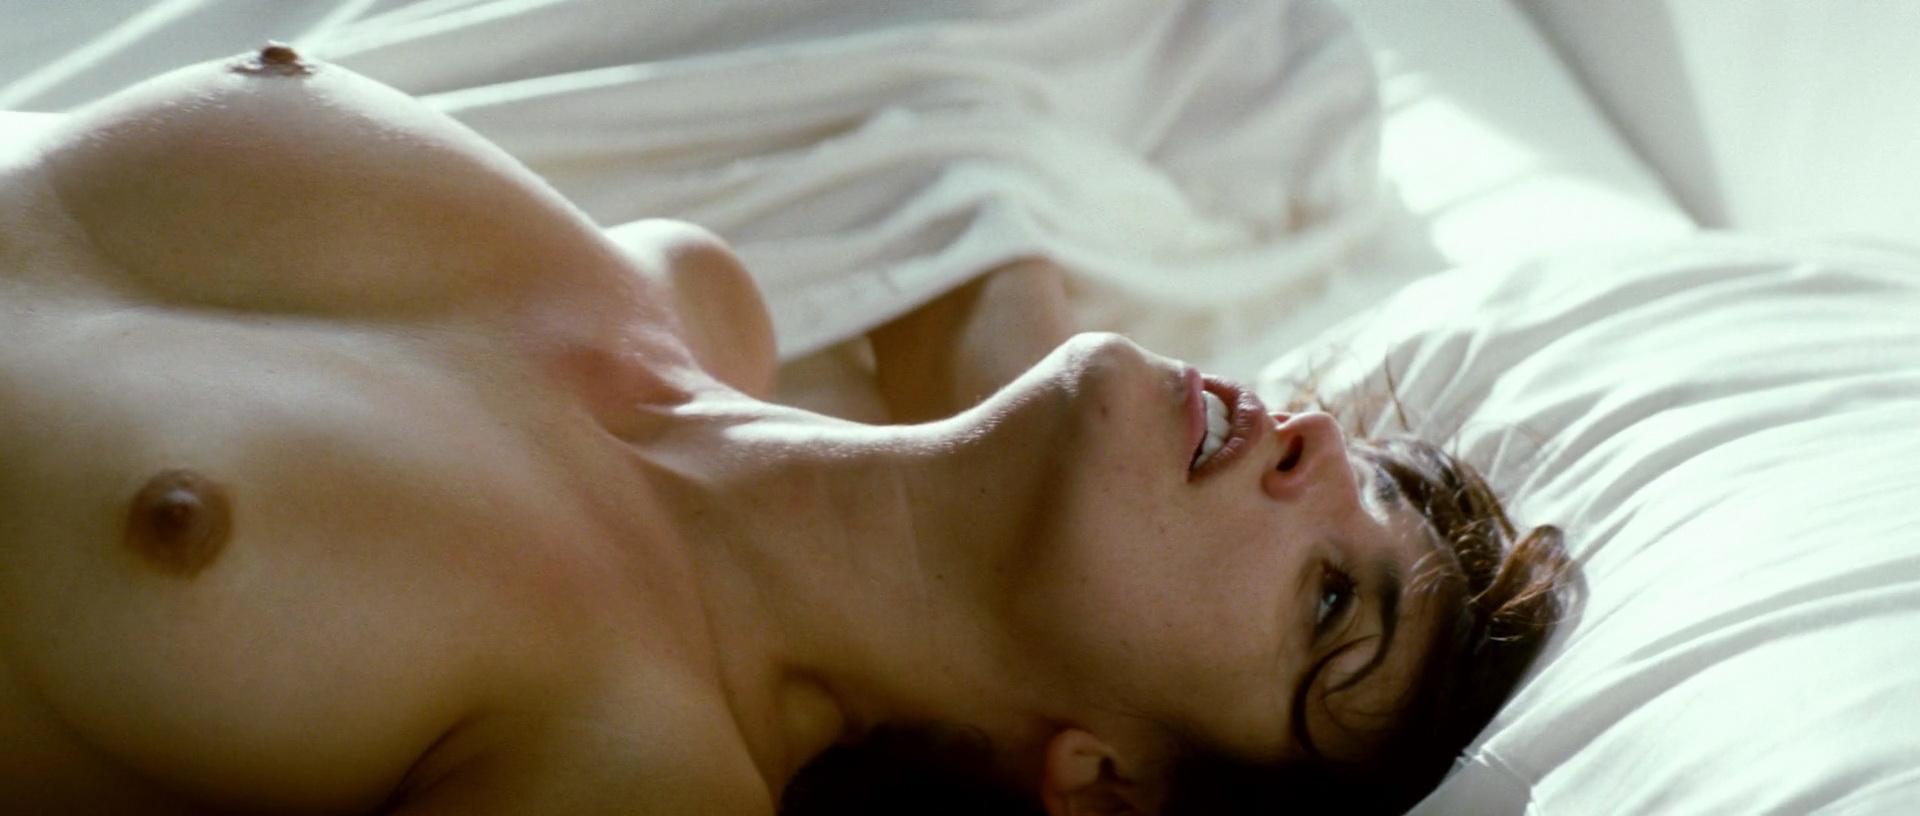 Sex scene penelope cruz nude